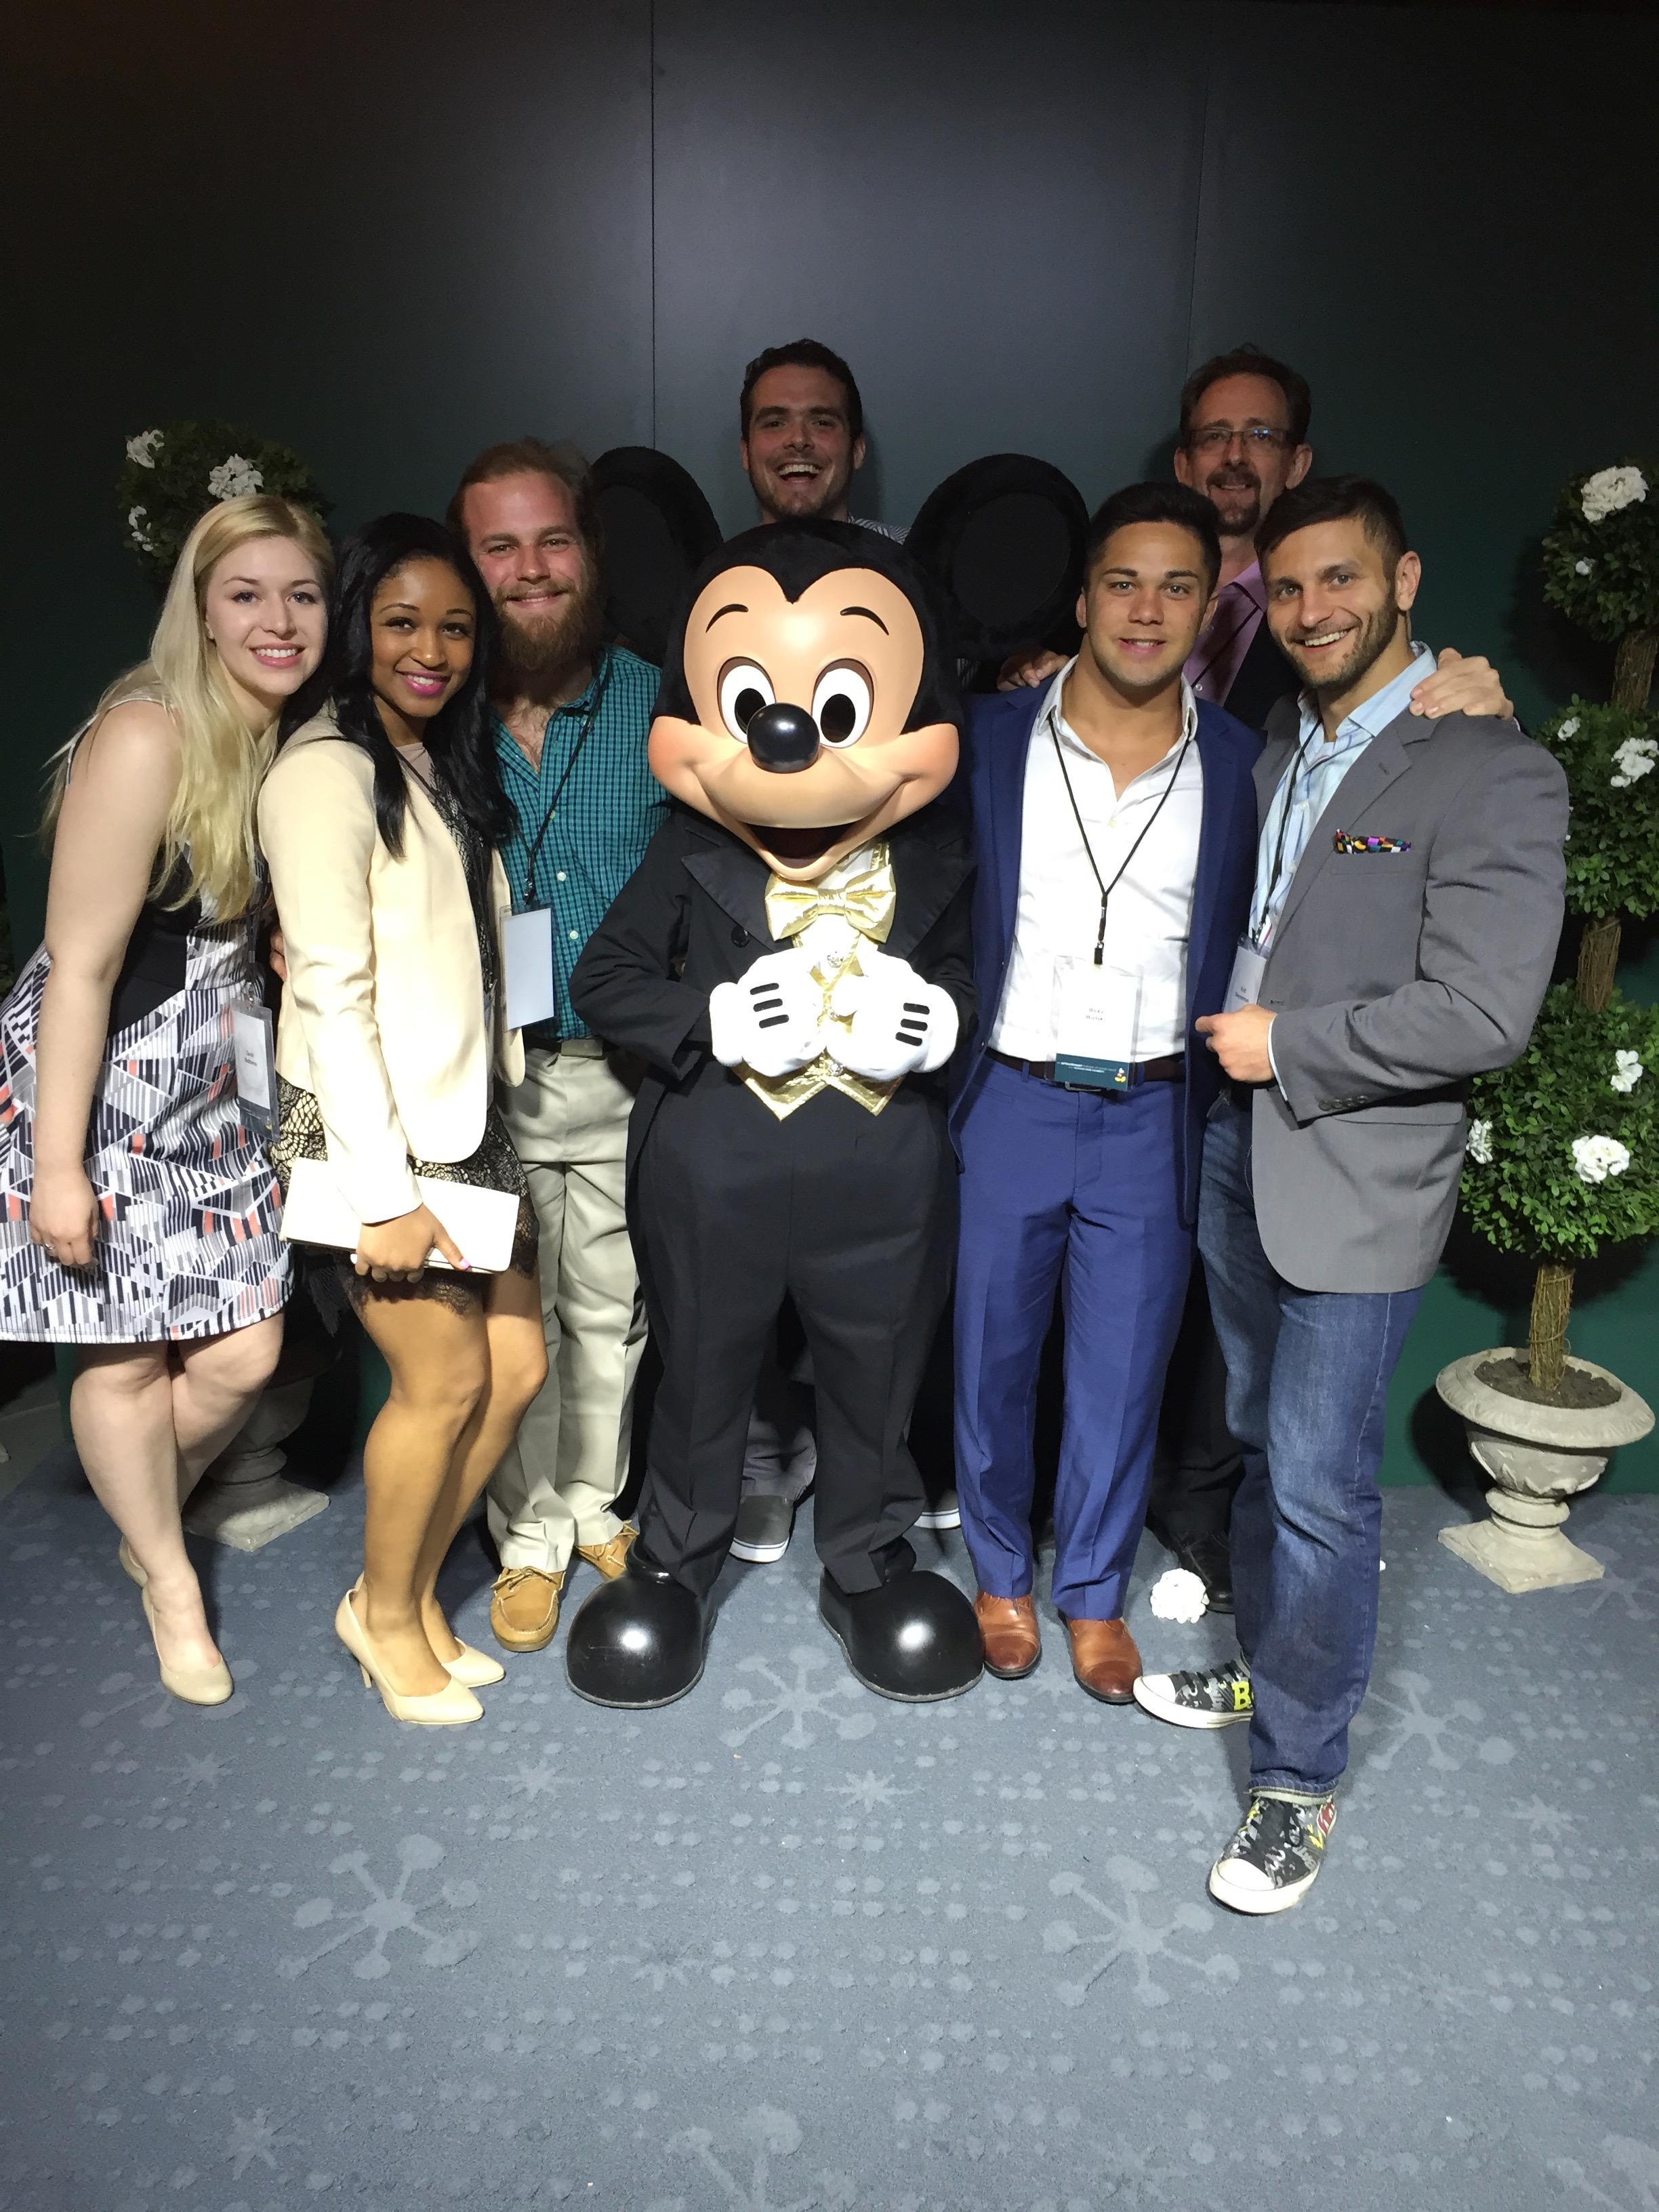 Disney Event